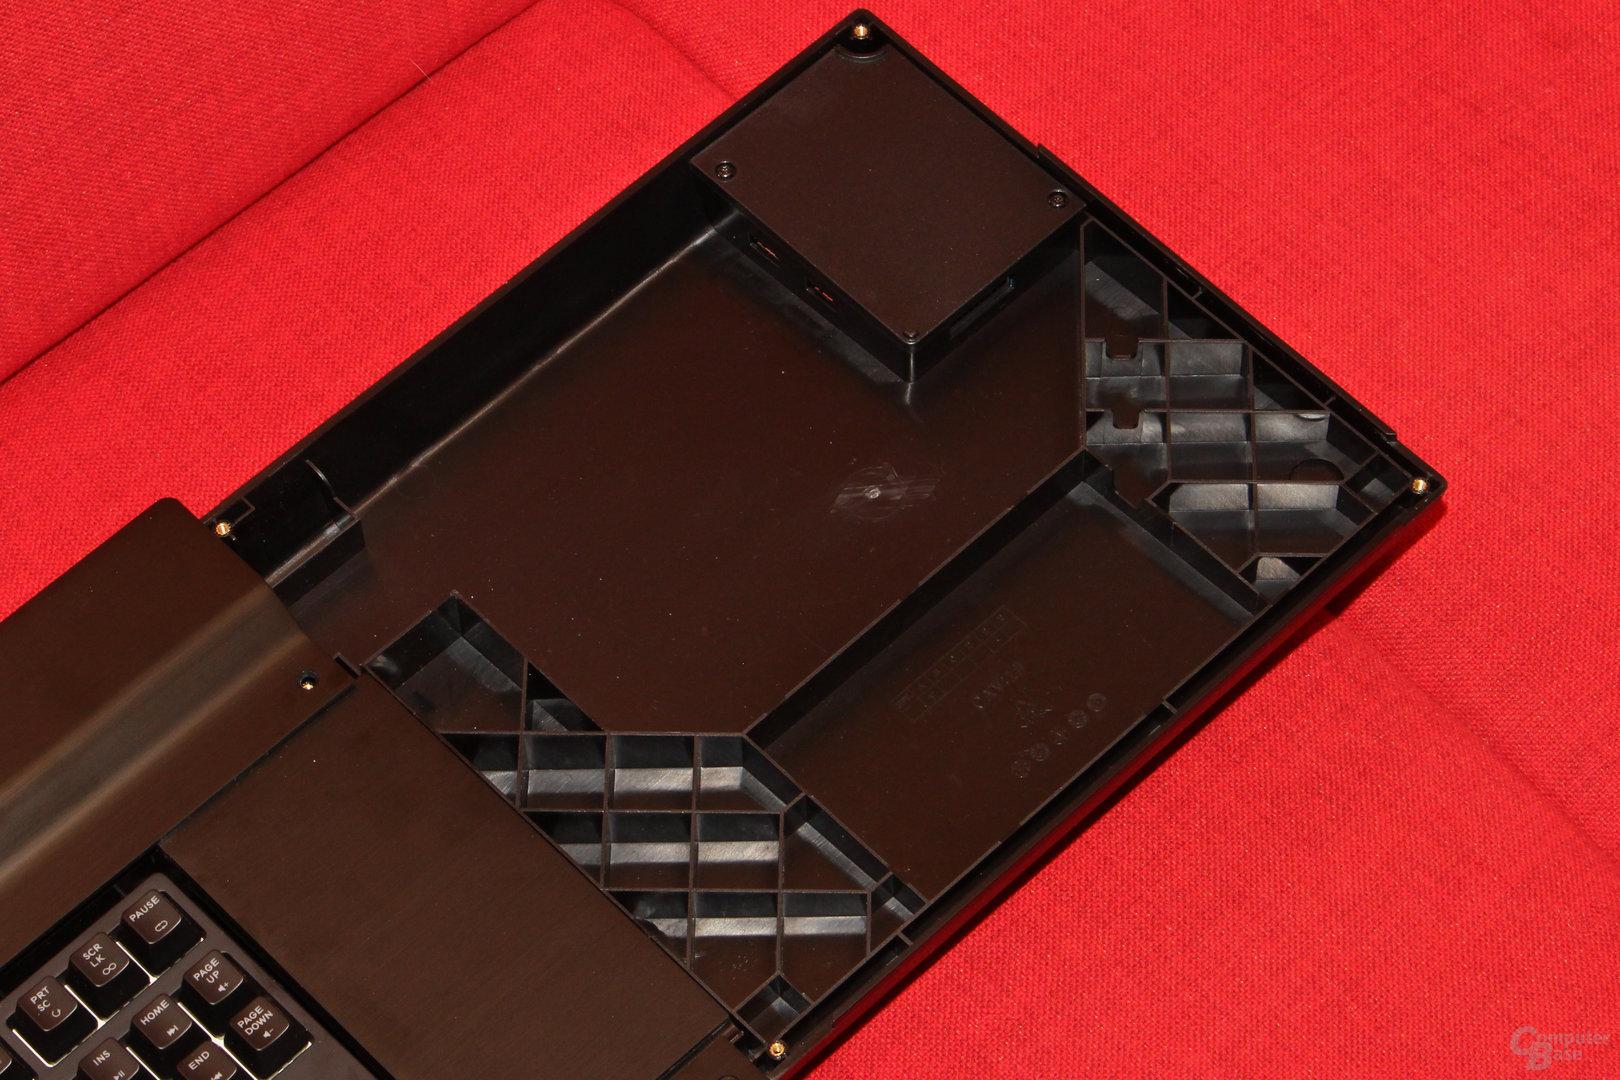 Unter dem Mauspad liegen USB-Anschlüsse für die Peripherie